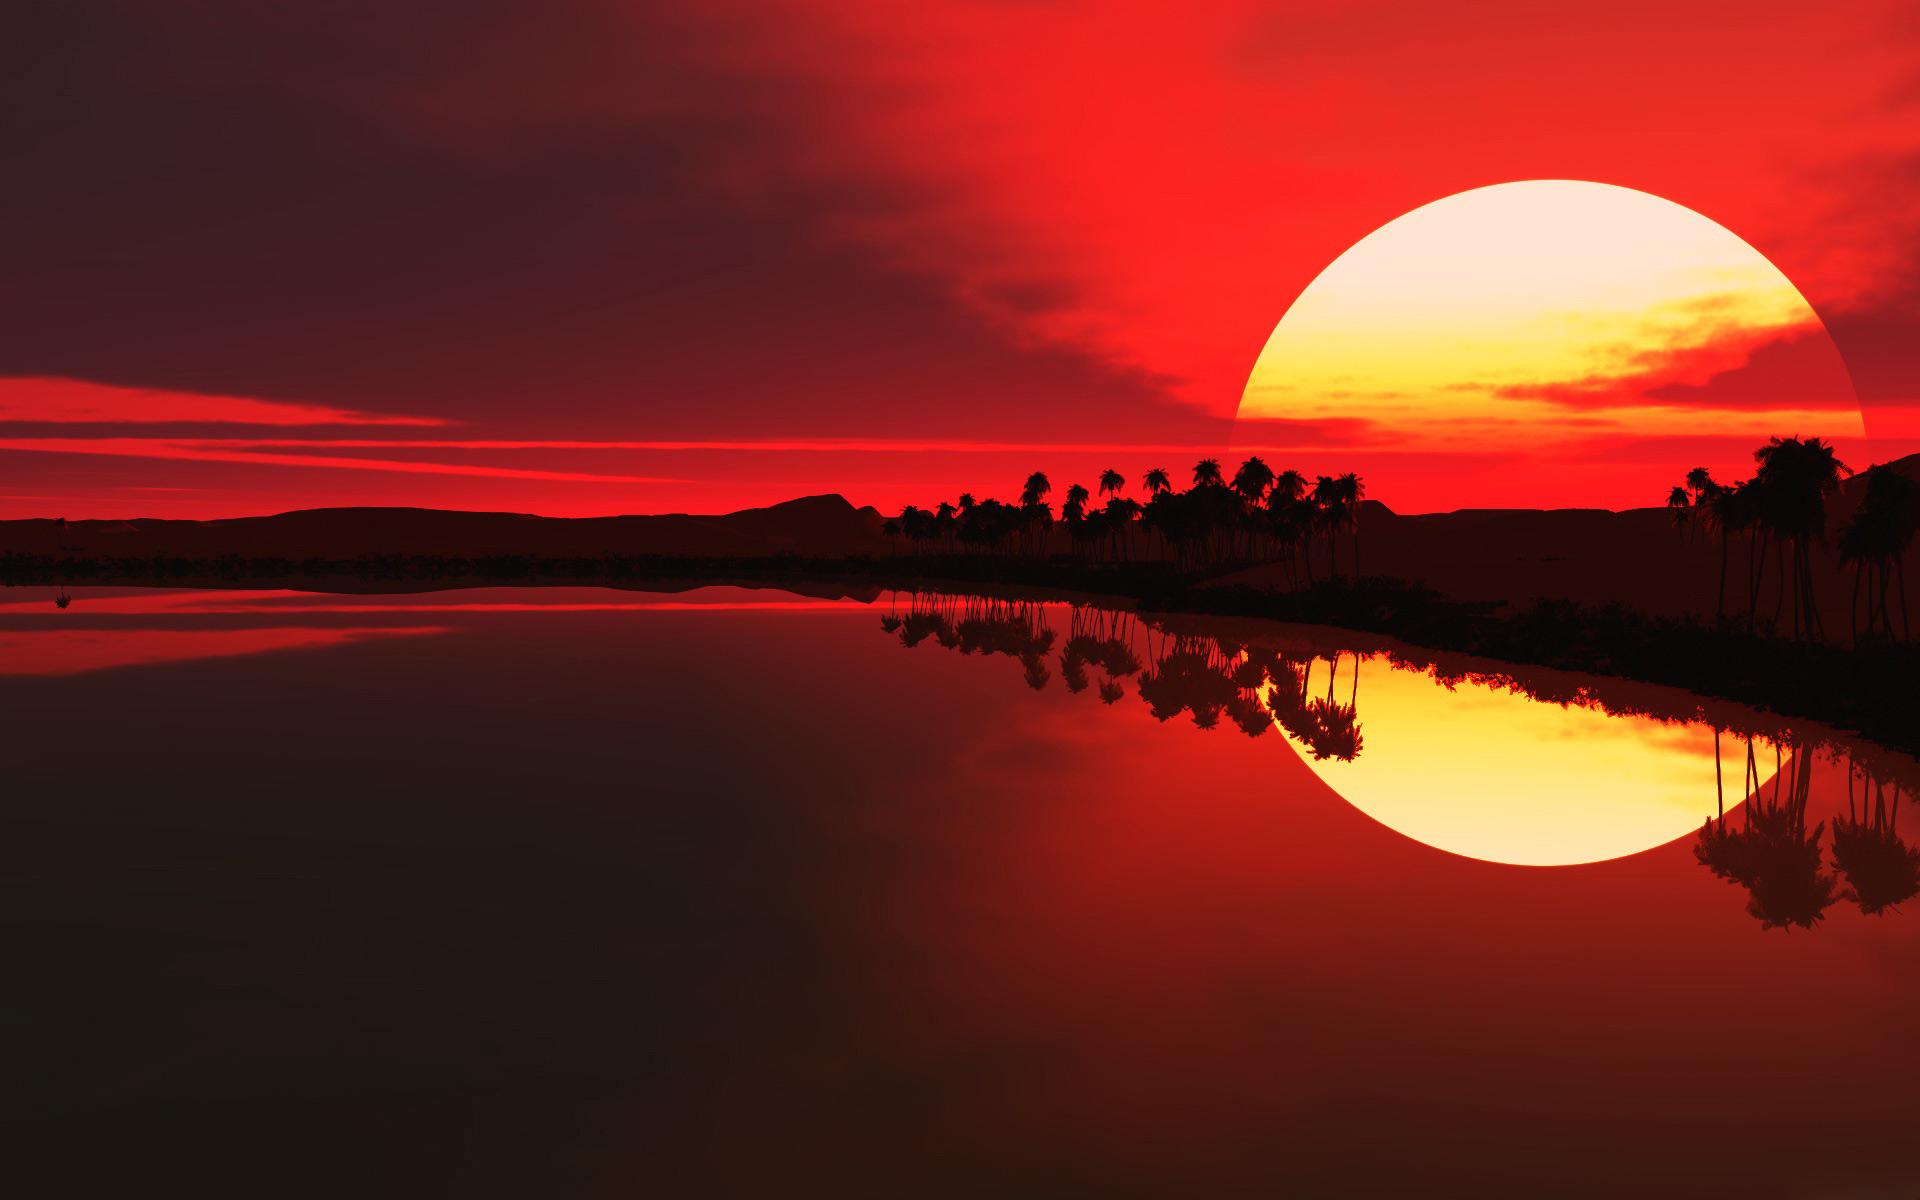 African Sunset Desktop Wallpaper 1920x1200